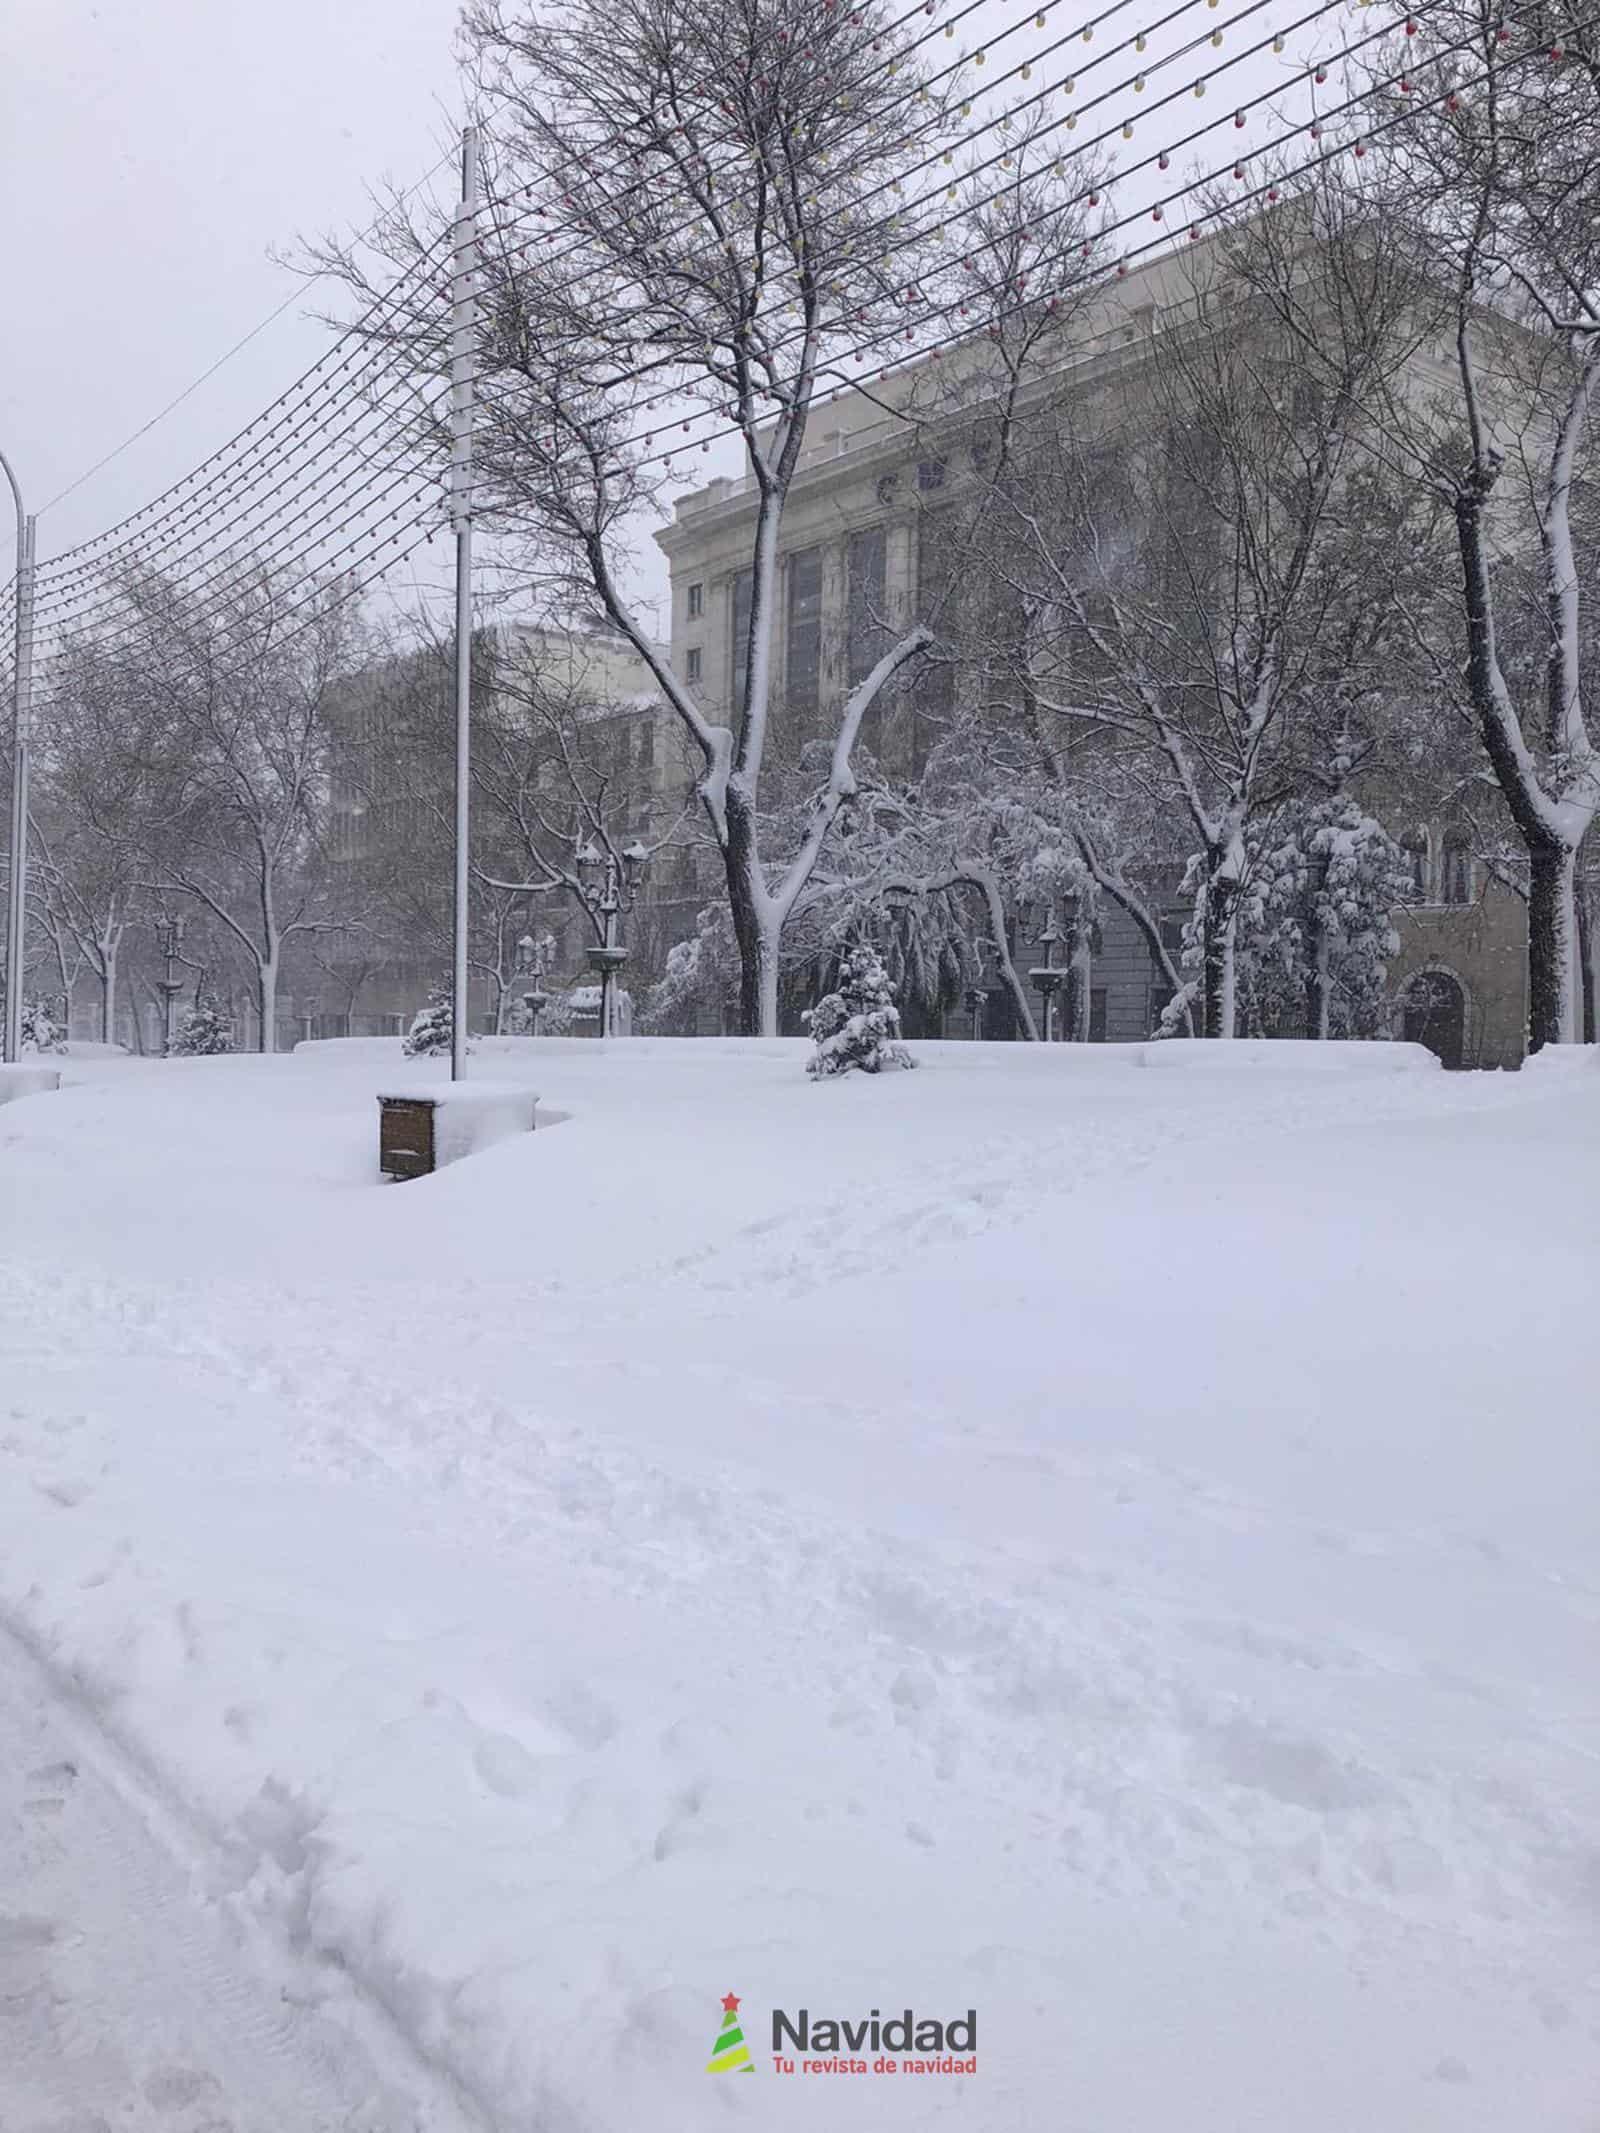 Fotografías de la nevada de enero en Madrid (España) 156